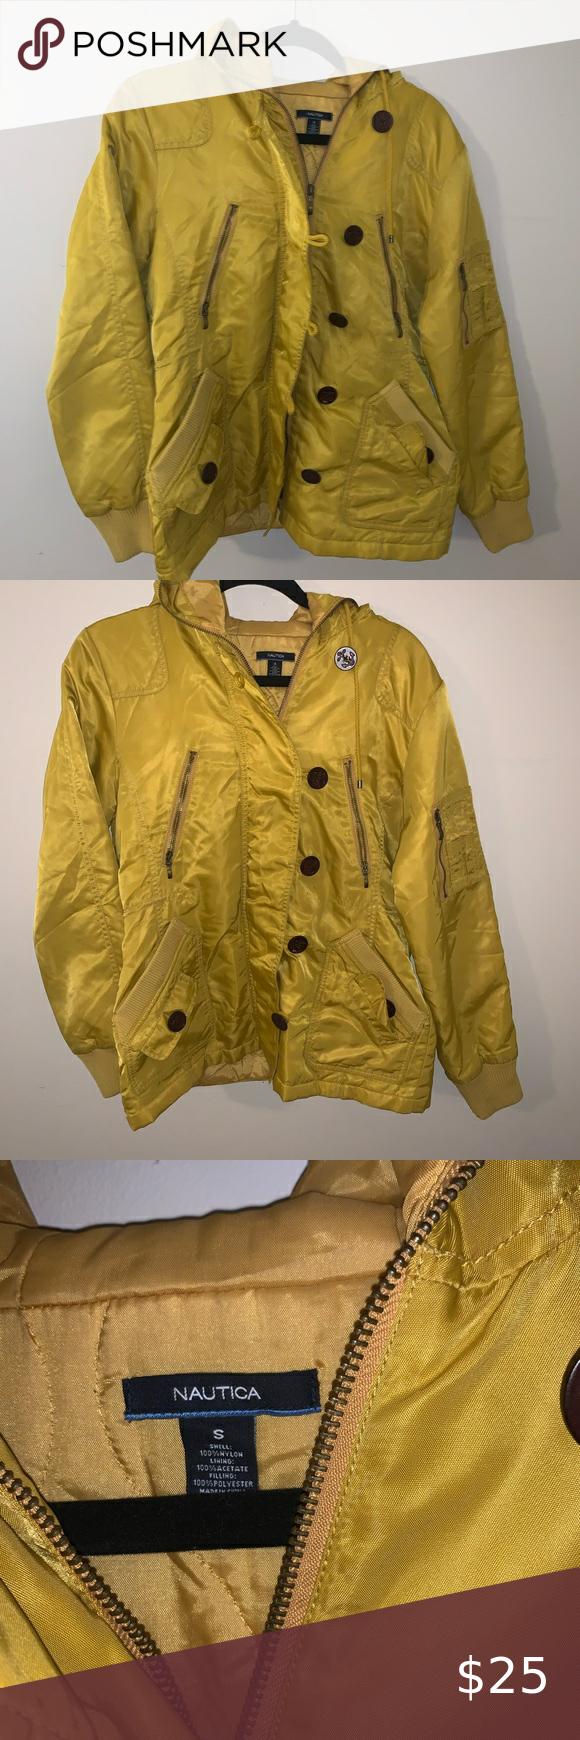 2 15 Nautica Yellow Bomber Outerwear Jacket Outerwear Jackets Jackets Outerwear [ 1740 x 580 Pixel ]